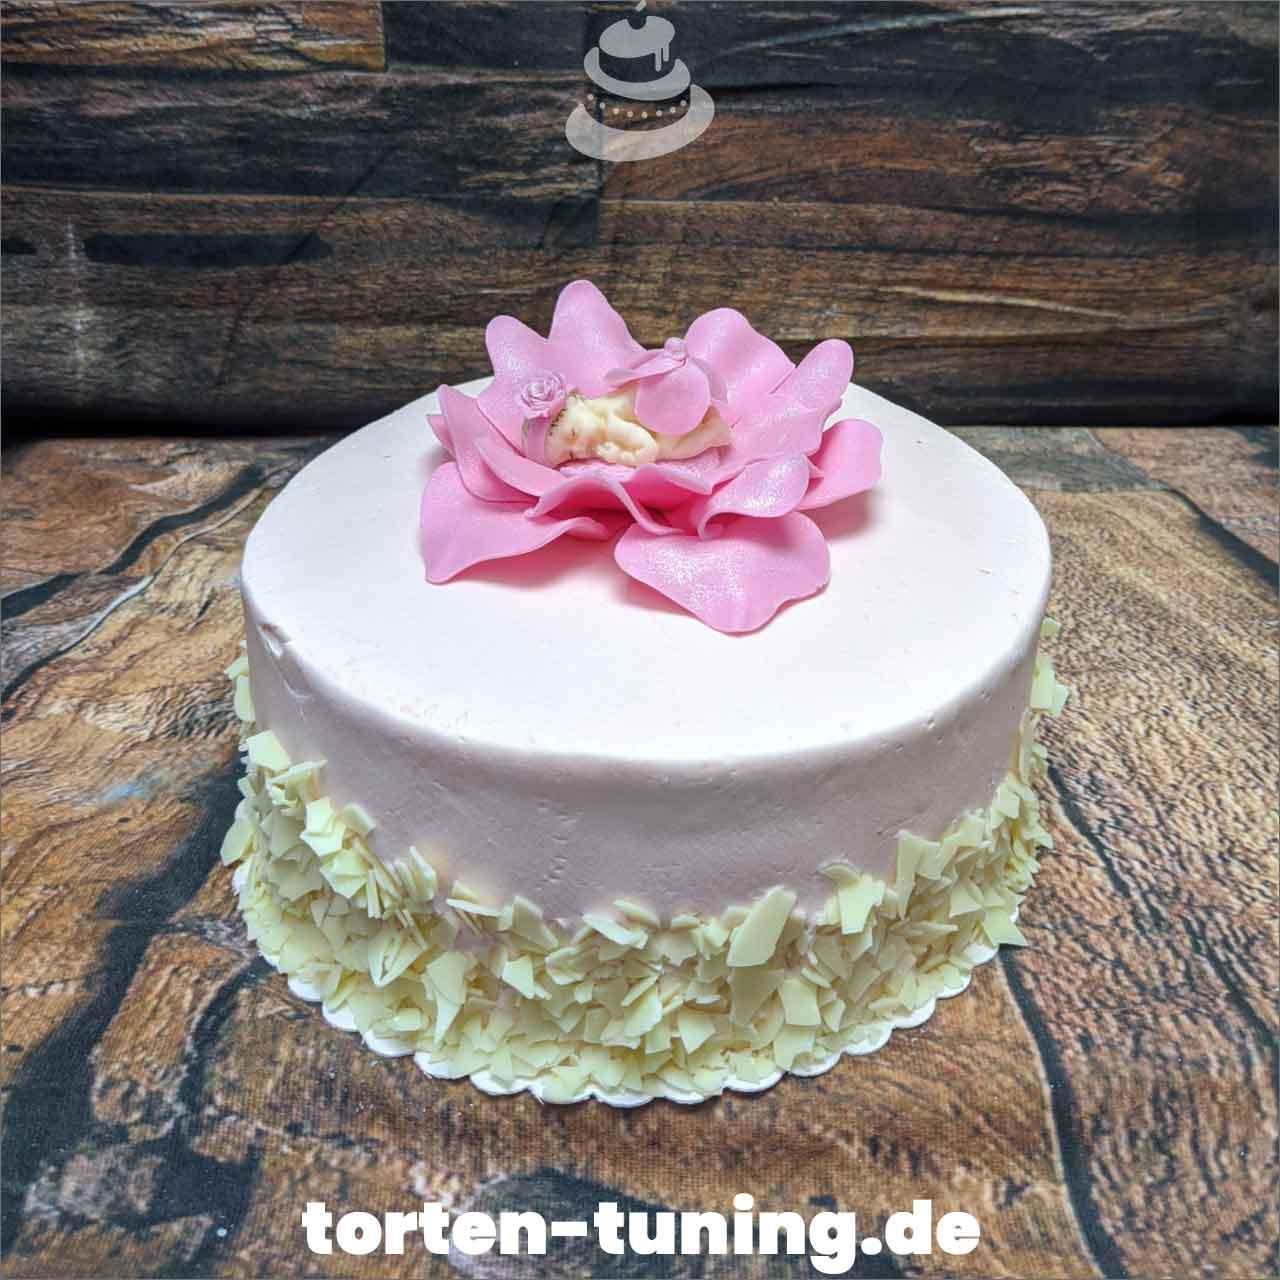 Babytorte Babyshower Obsttorte Geburtstagstorte Motivtorte Torte Tortendekoration Torte online bestellen Suhl Thüringen Torten Tuning Sahnetorte Tortenfiguren Cake Topper